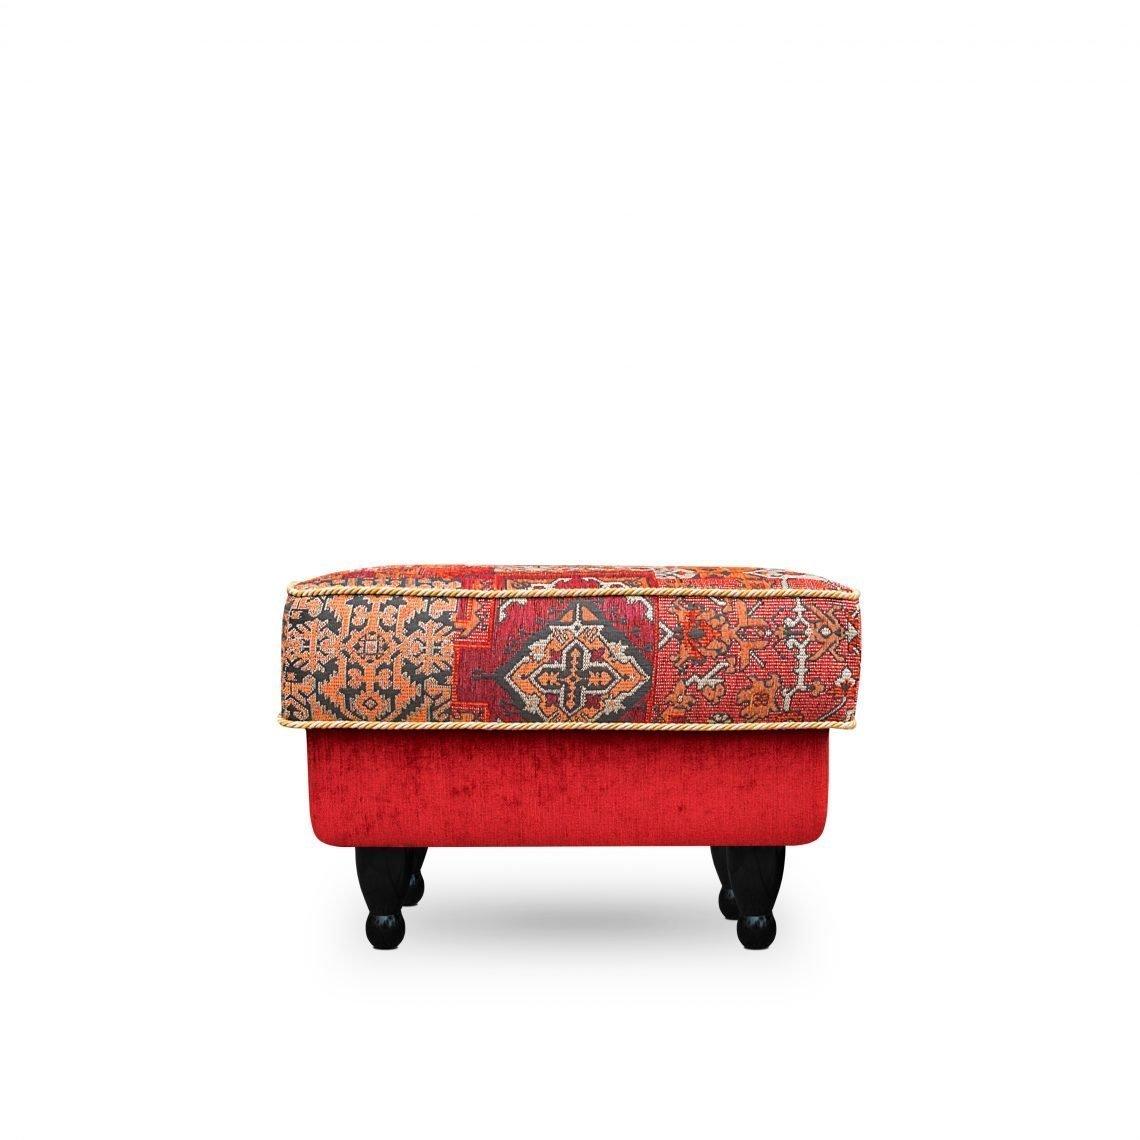 De Oosterse pouf Casablanca Setenta in de rode stoffen Setenta en Leo new